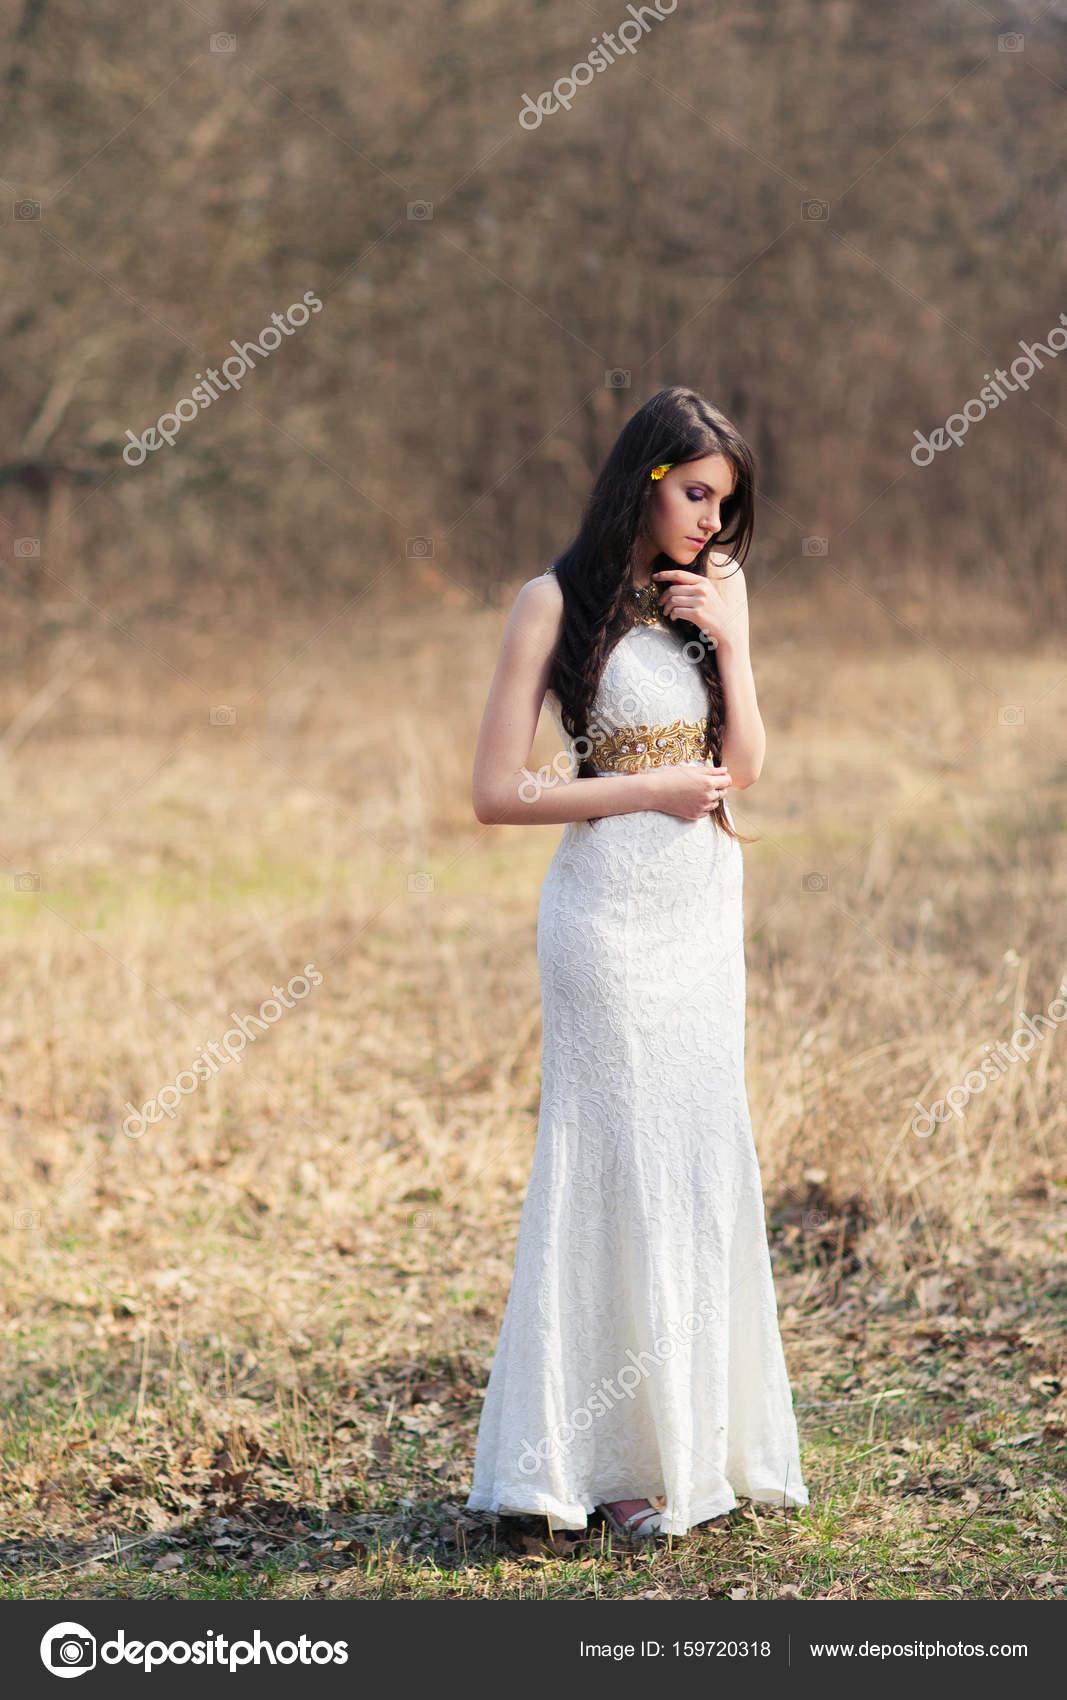 Geflochtene Braut im weißen Kleid auf Hochzeit Fotoshooting ...